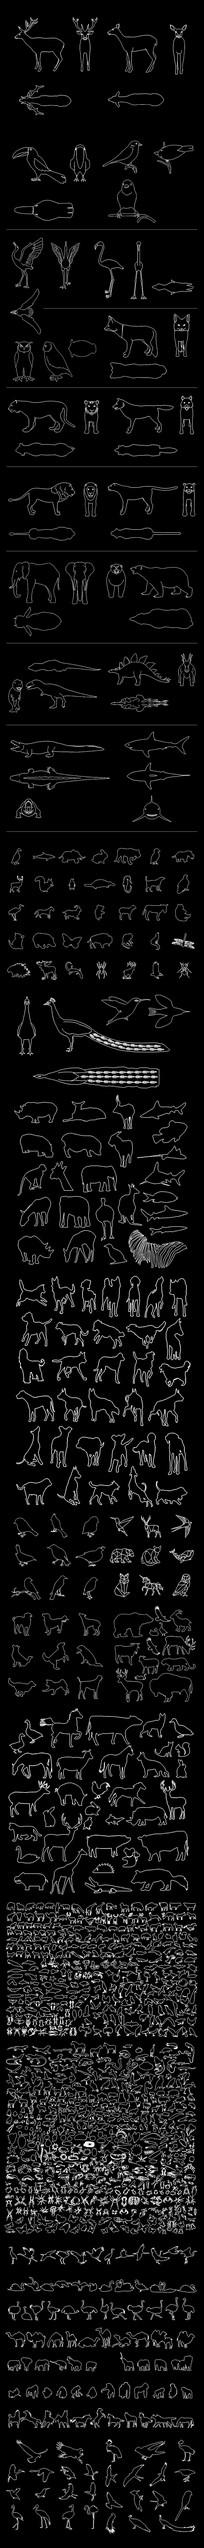 动物CAD图纸集合(三视图)